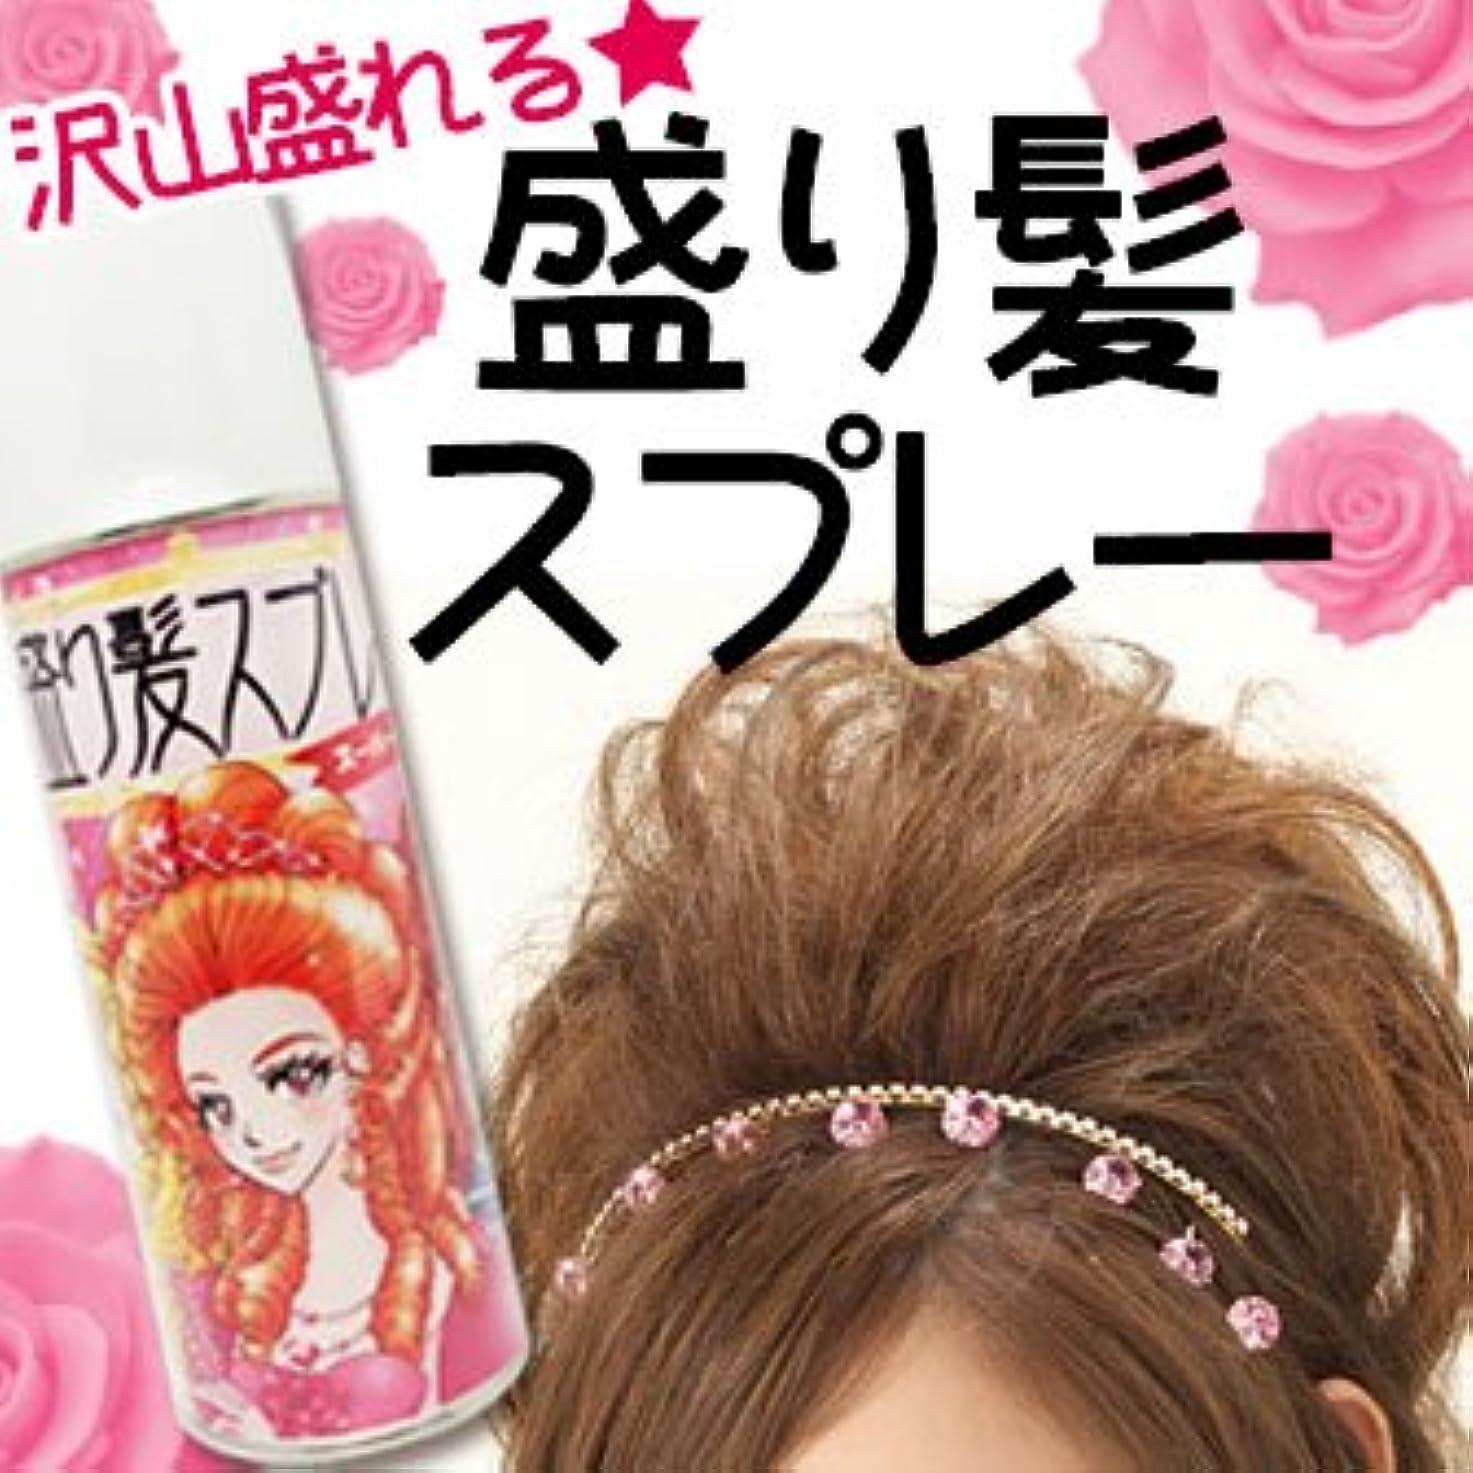 タクト準備したヘッジ盛り髪 スプレー スーパーハード 無香料 (大容量 260g)